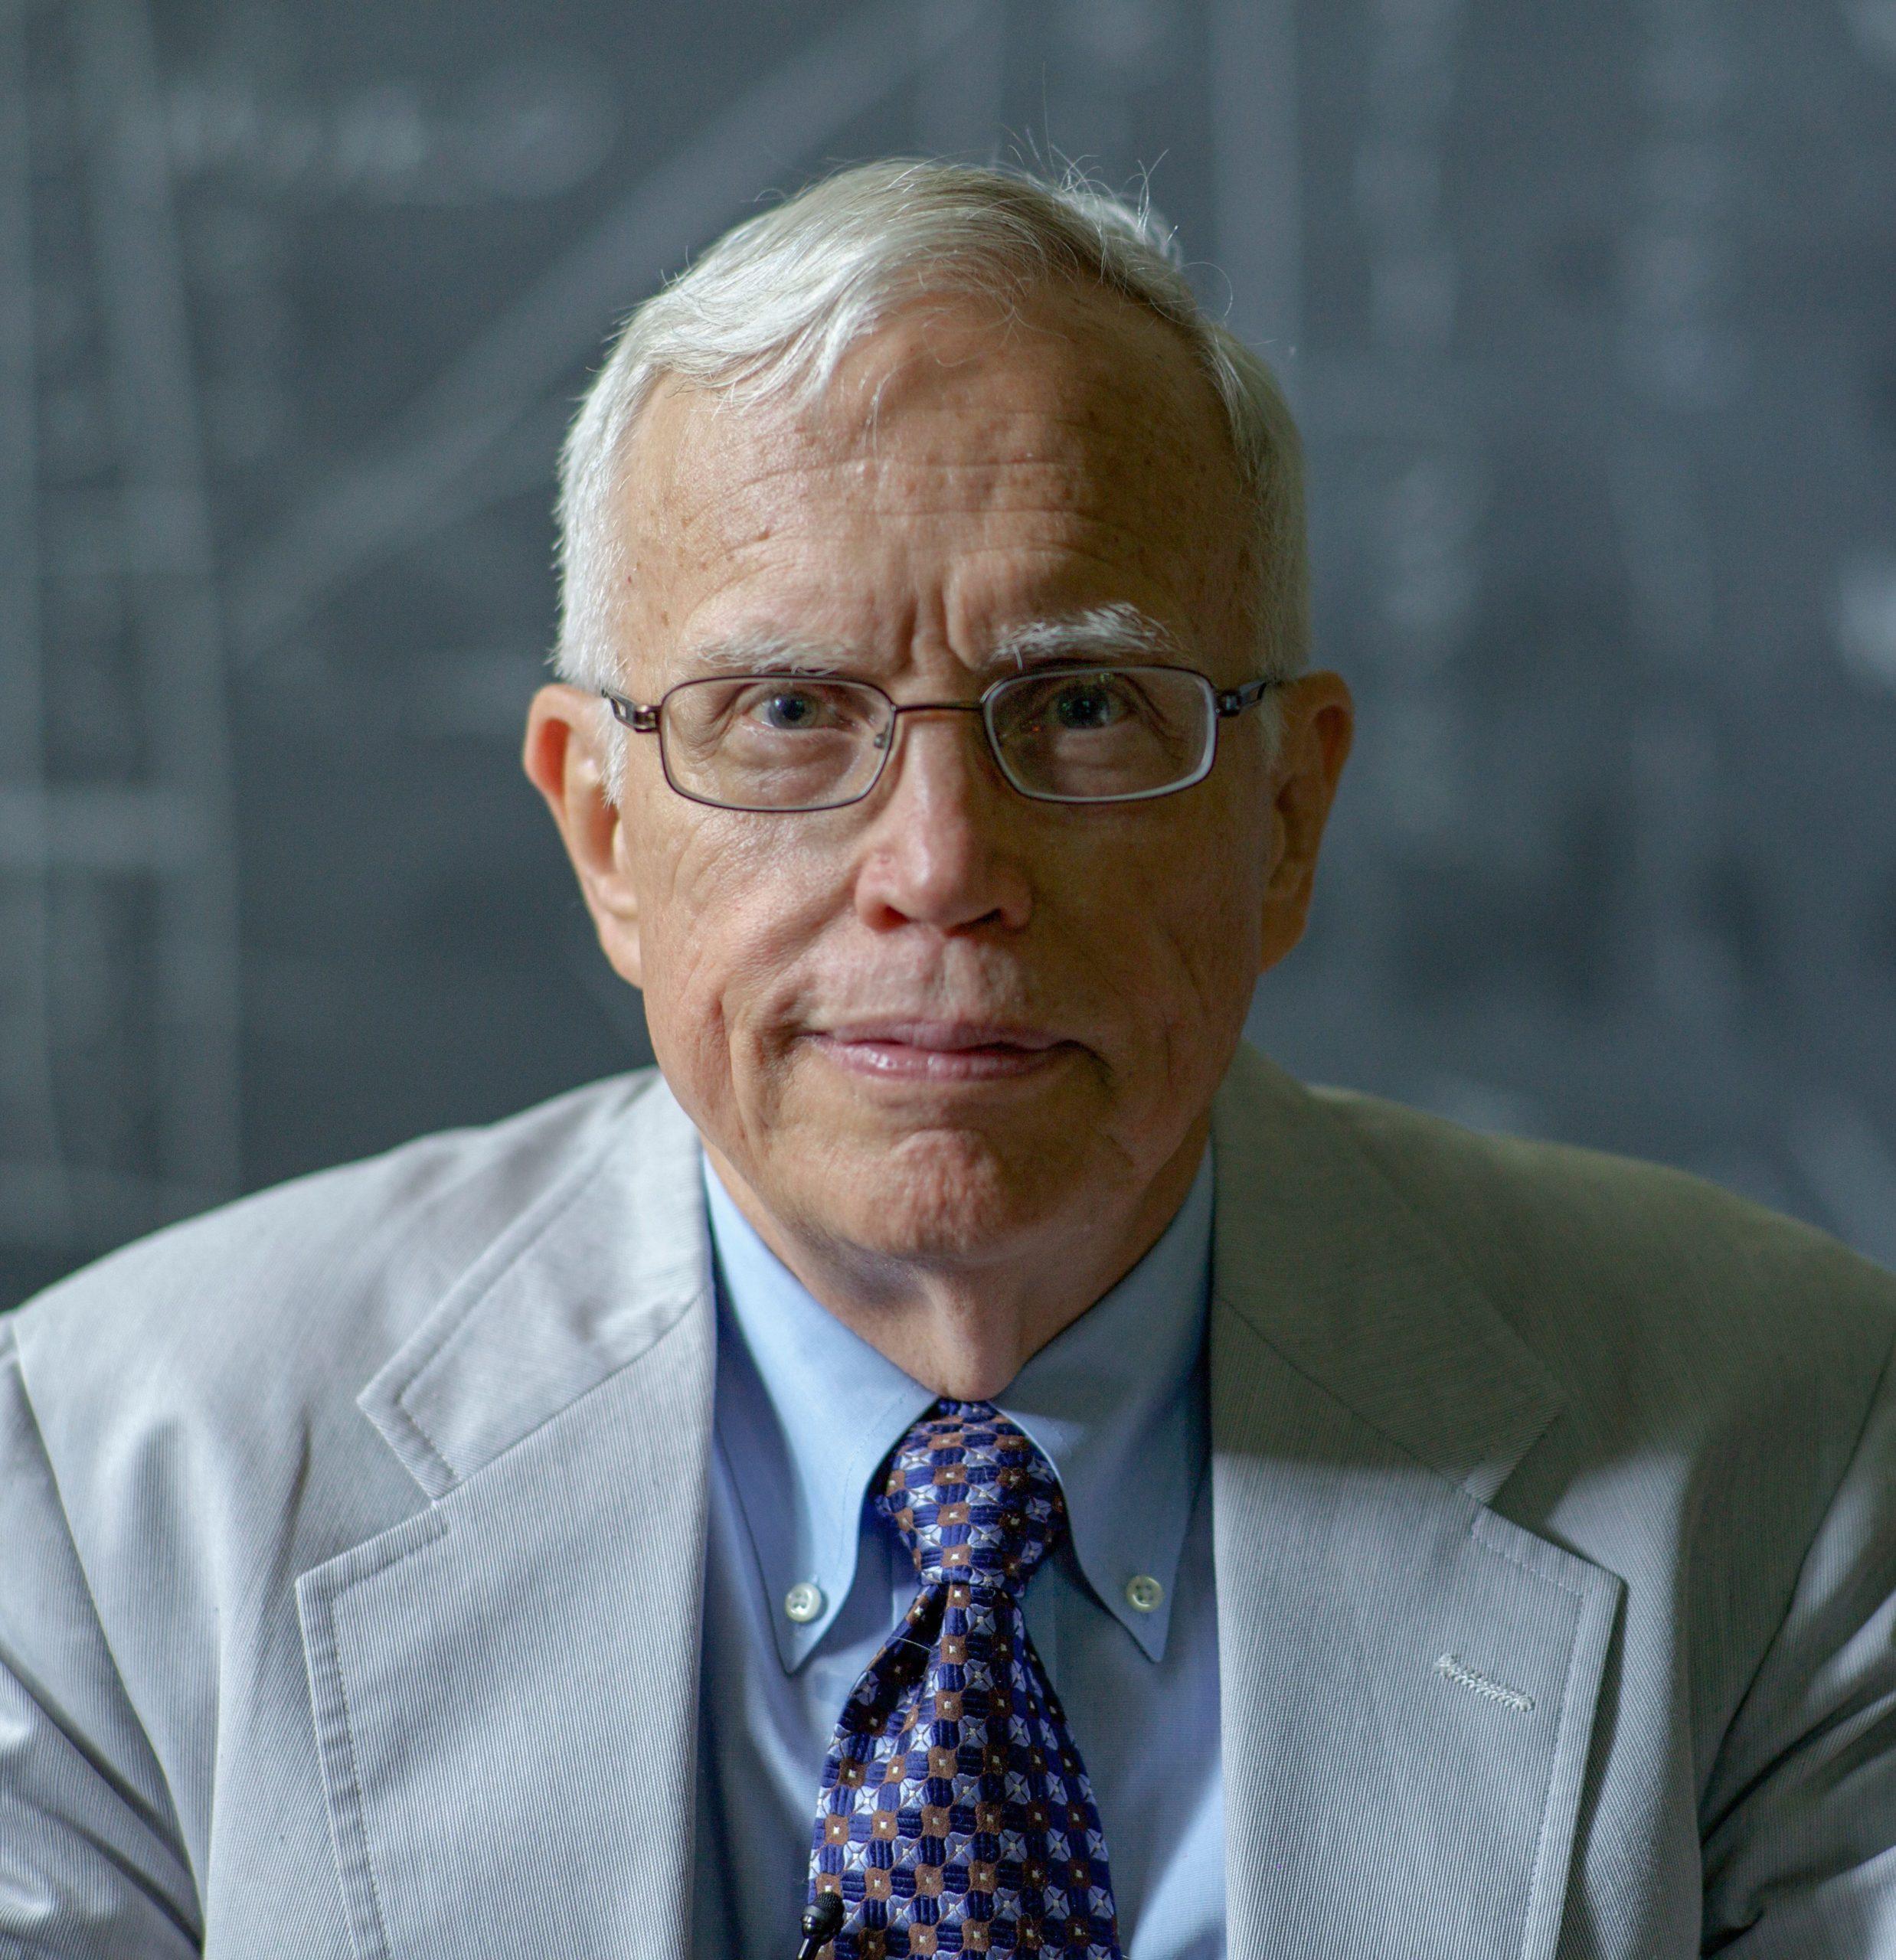 Đừng cho rằng cứ thông minh là sẽ giàu, cuộc đời vốn không đơn giản như vậy và nhà kinh tế từng đoạt giải Nobel này sẽ tiết lộ lý do! - Ảnh 4.